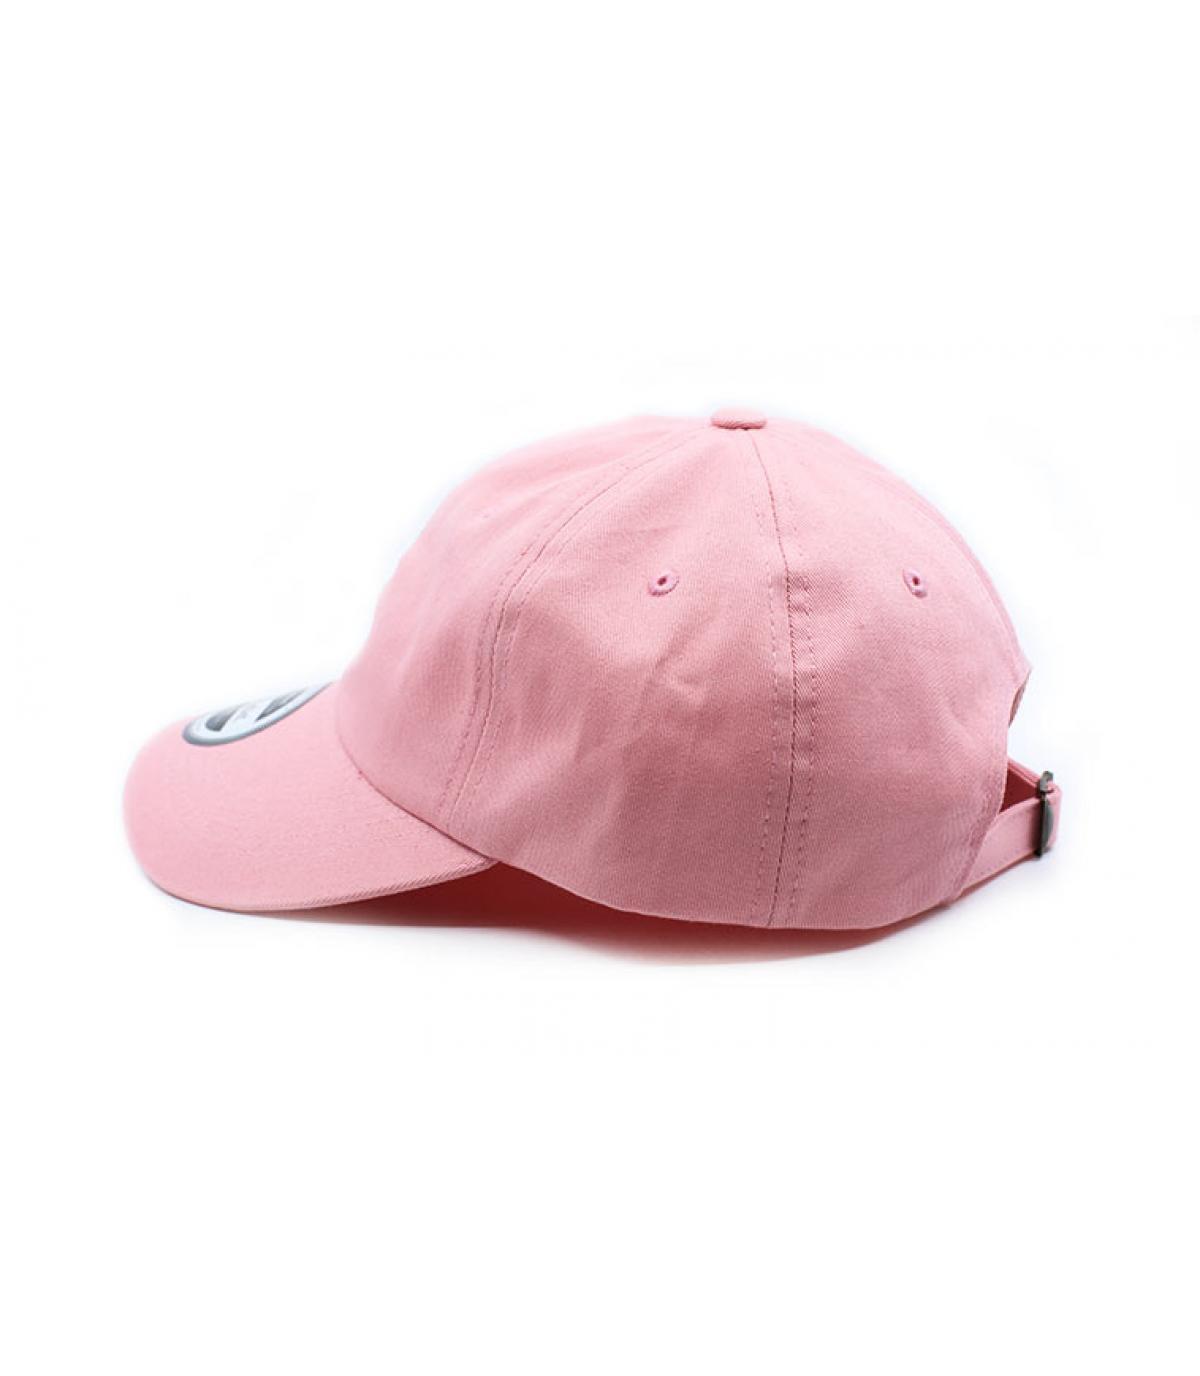 Dettagli Casquette Unicorns Are Real pink - image 4